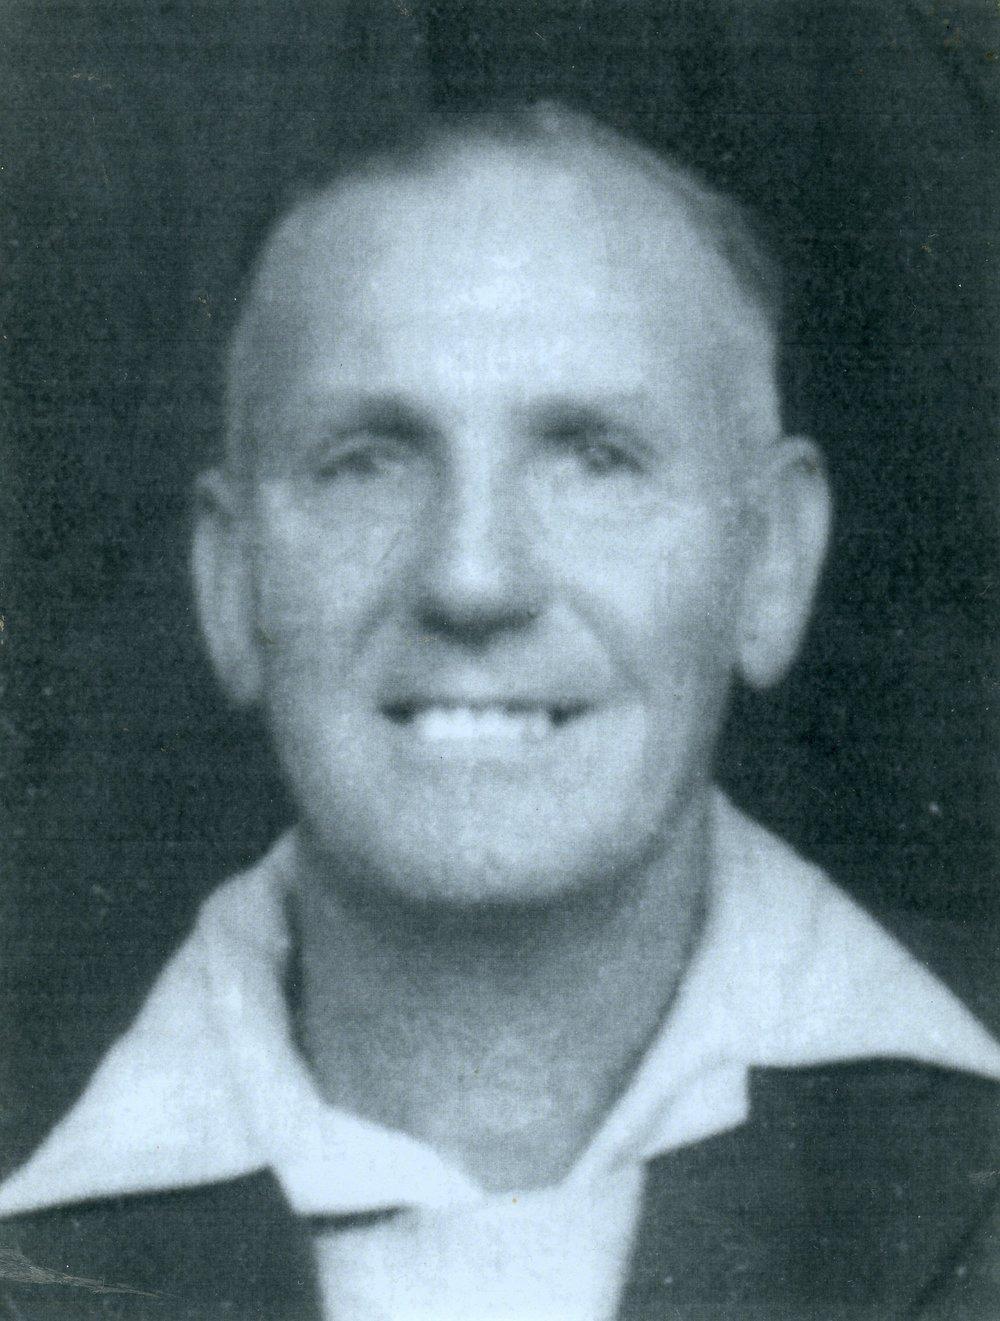 1944 - William Hardcastle*